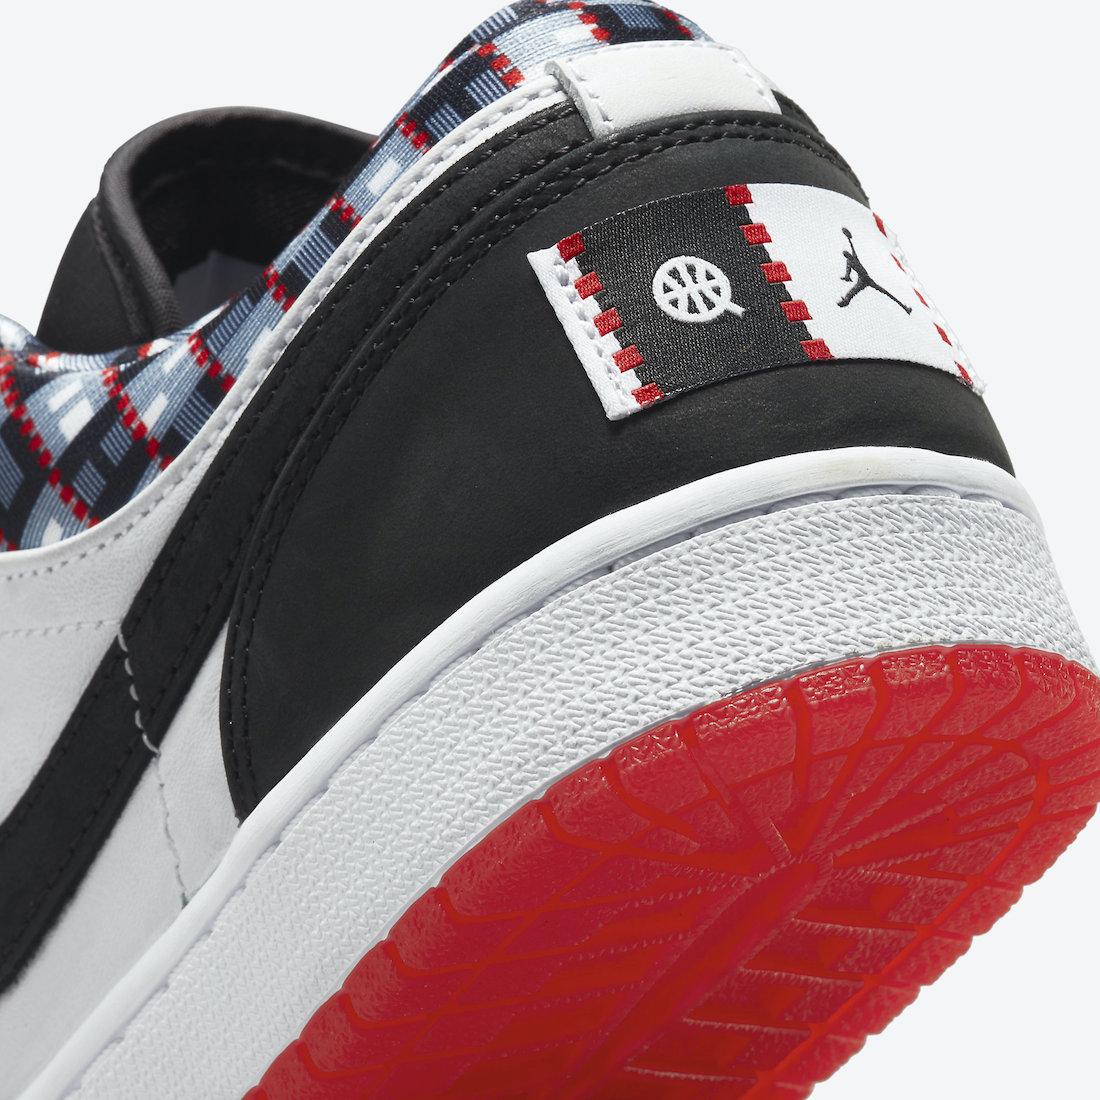 The Air Jordan 1 Low